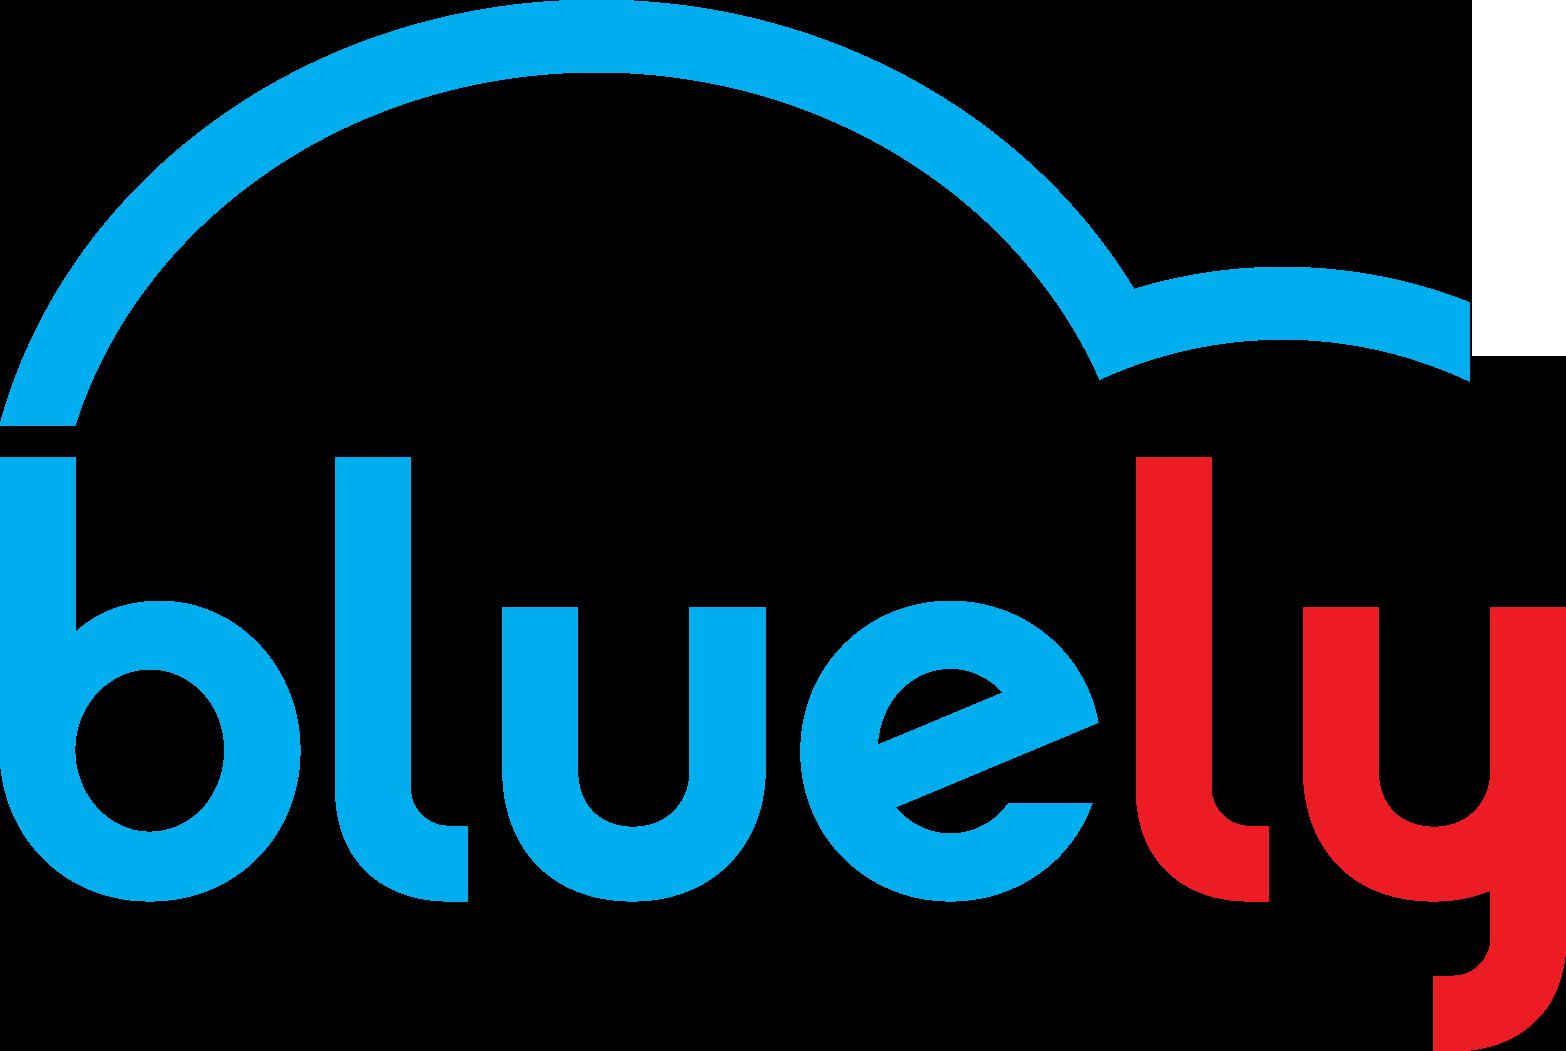 BLUELY